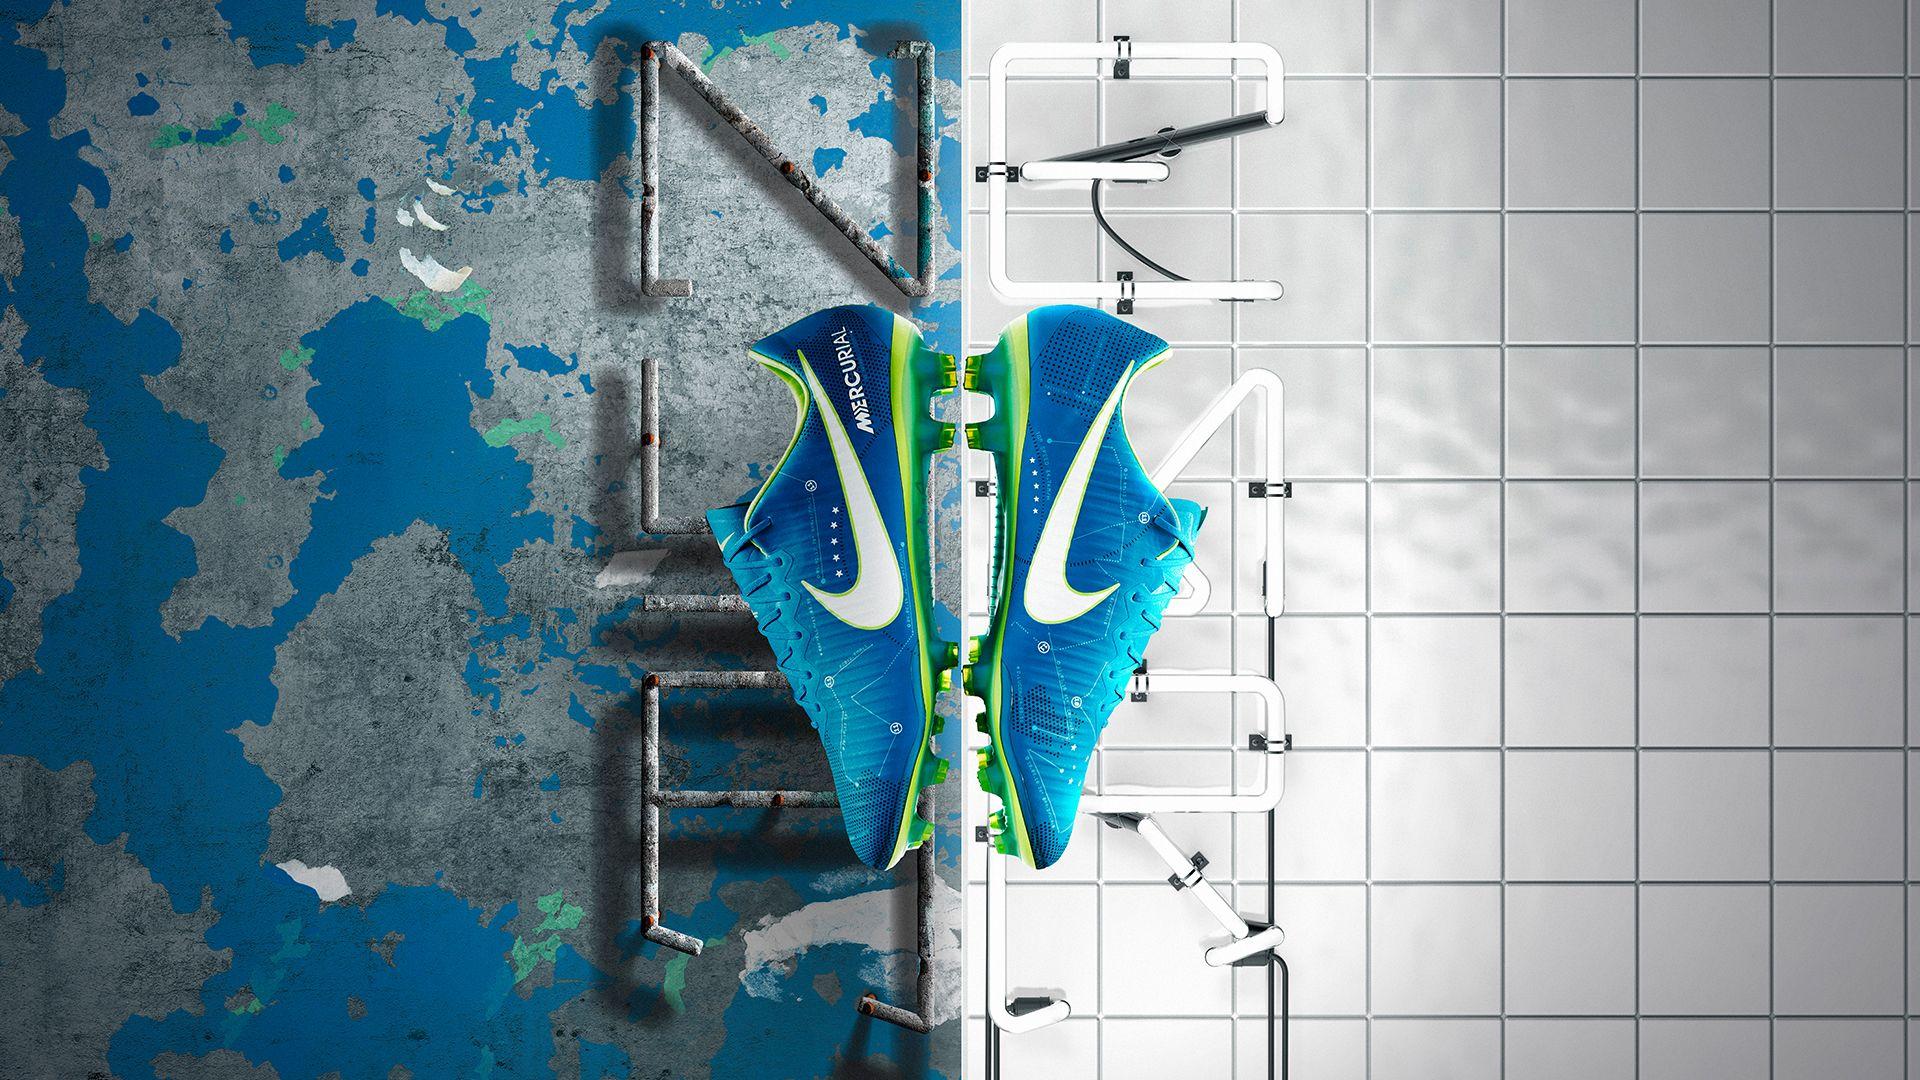 Neymar 2014 Brazil Nike Risk Everything Wallpaper